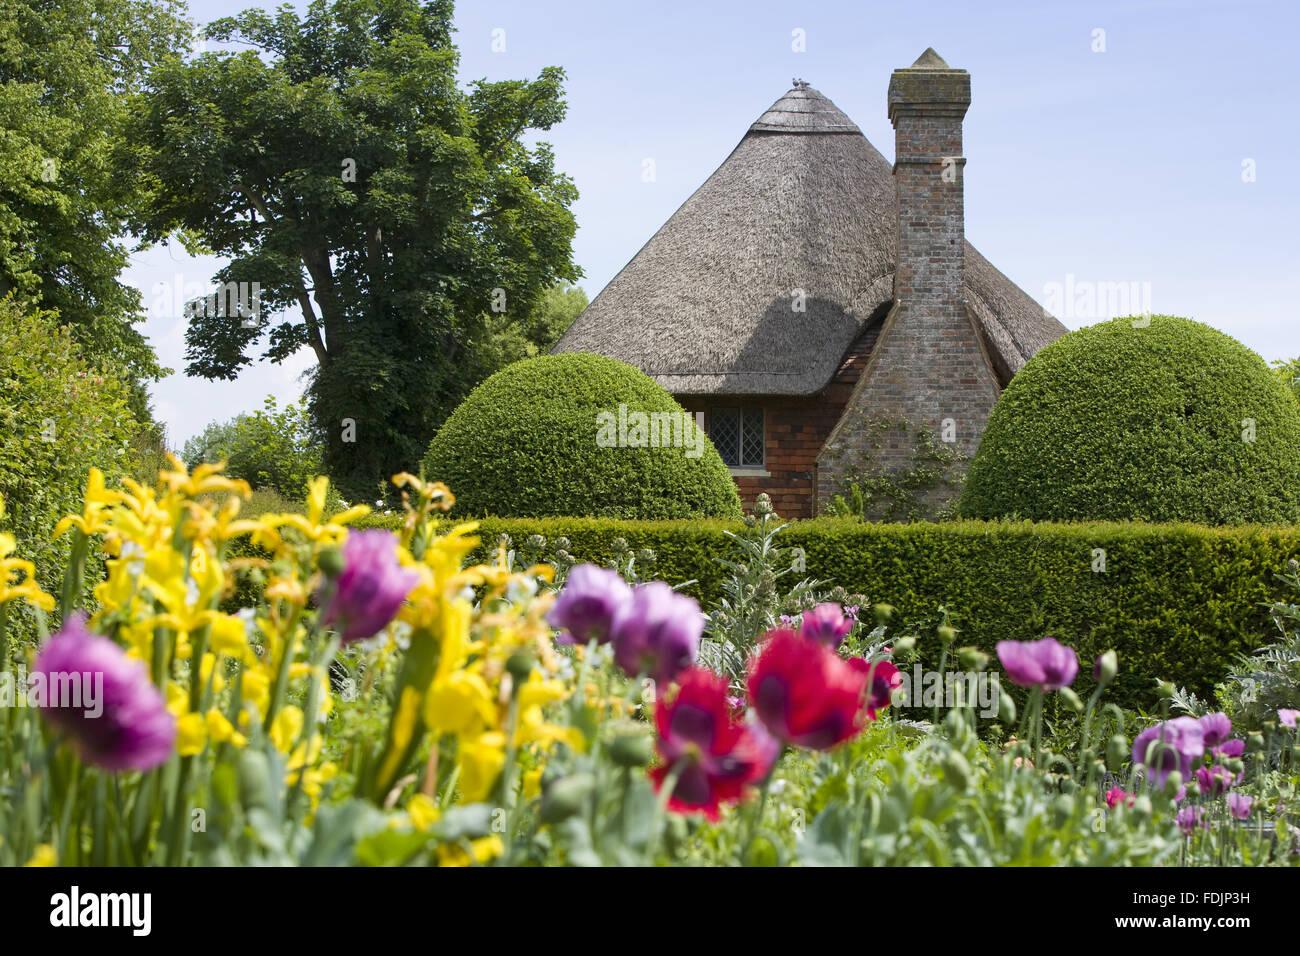 Bunte Mohnblumen in der Cottage-Garten im Touristenort Klerus House, einem vierzehnten Jahrhundert Wealden Halle Stockbild